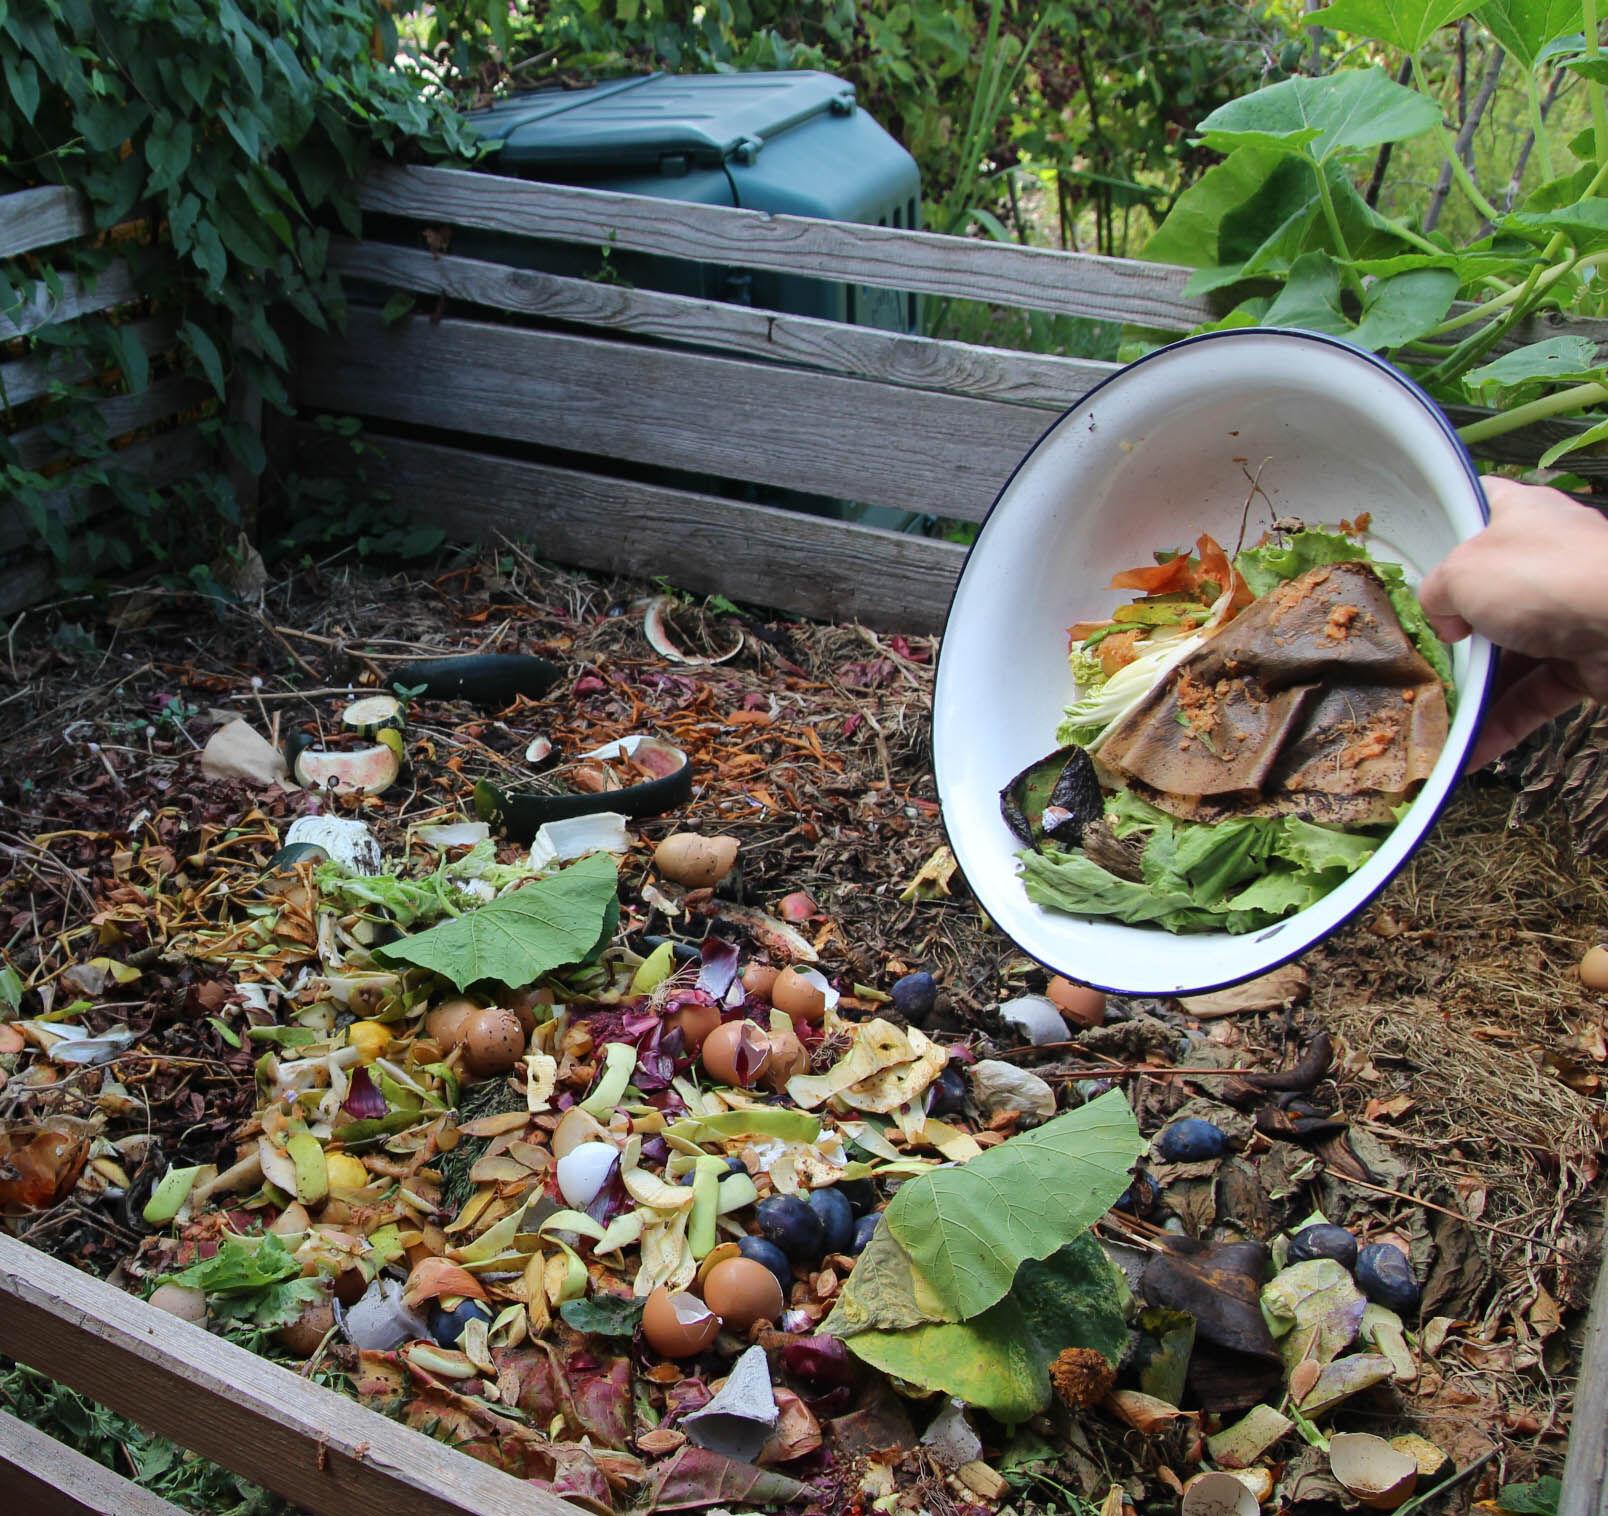 Je besser durchmischt das zu kompostierende Material ist, desto schneller geht´s und desto schöner ist die fertige Erde, erläutert Kreisfachberater Mi